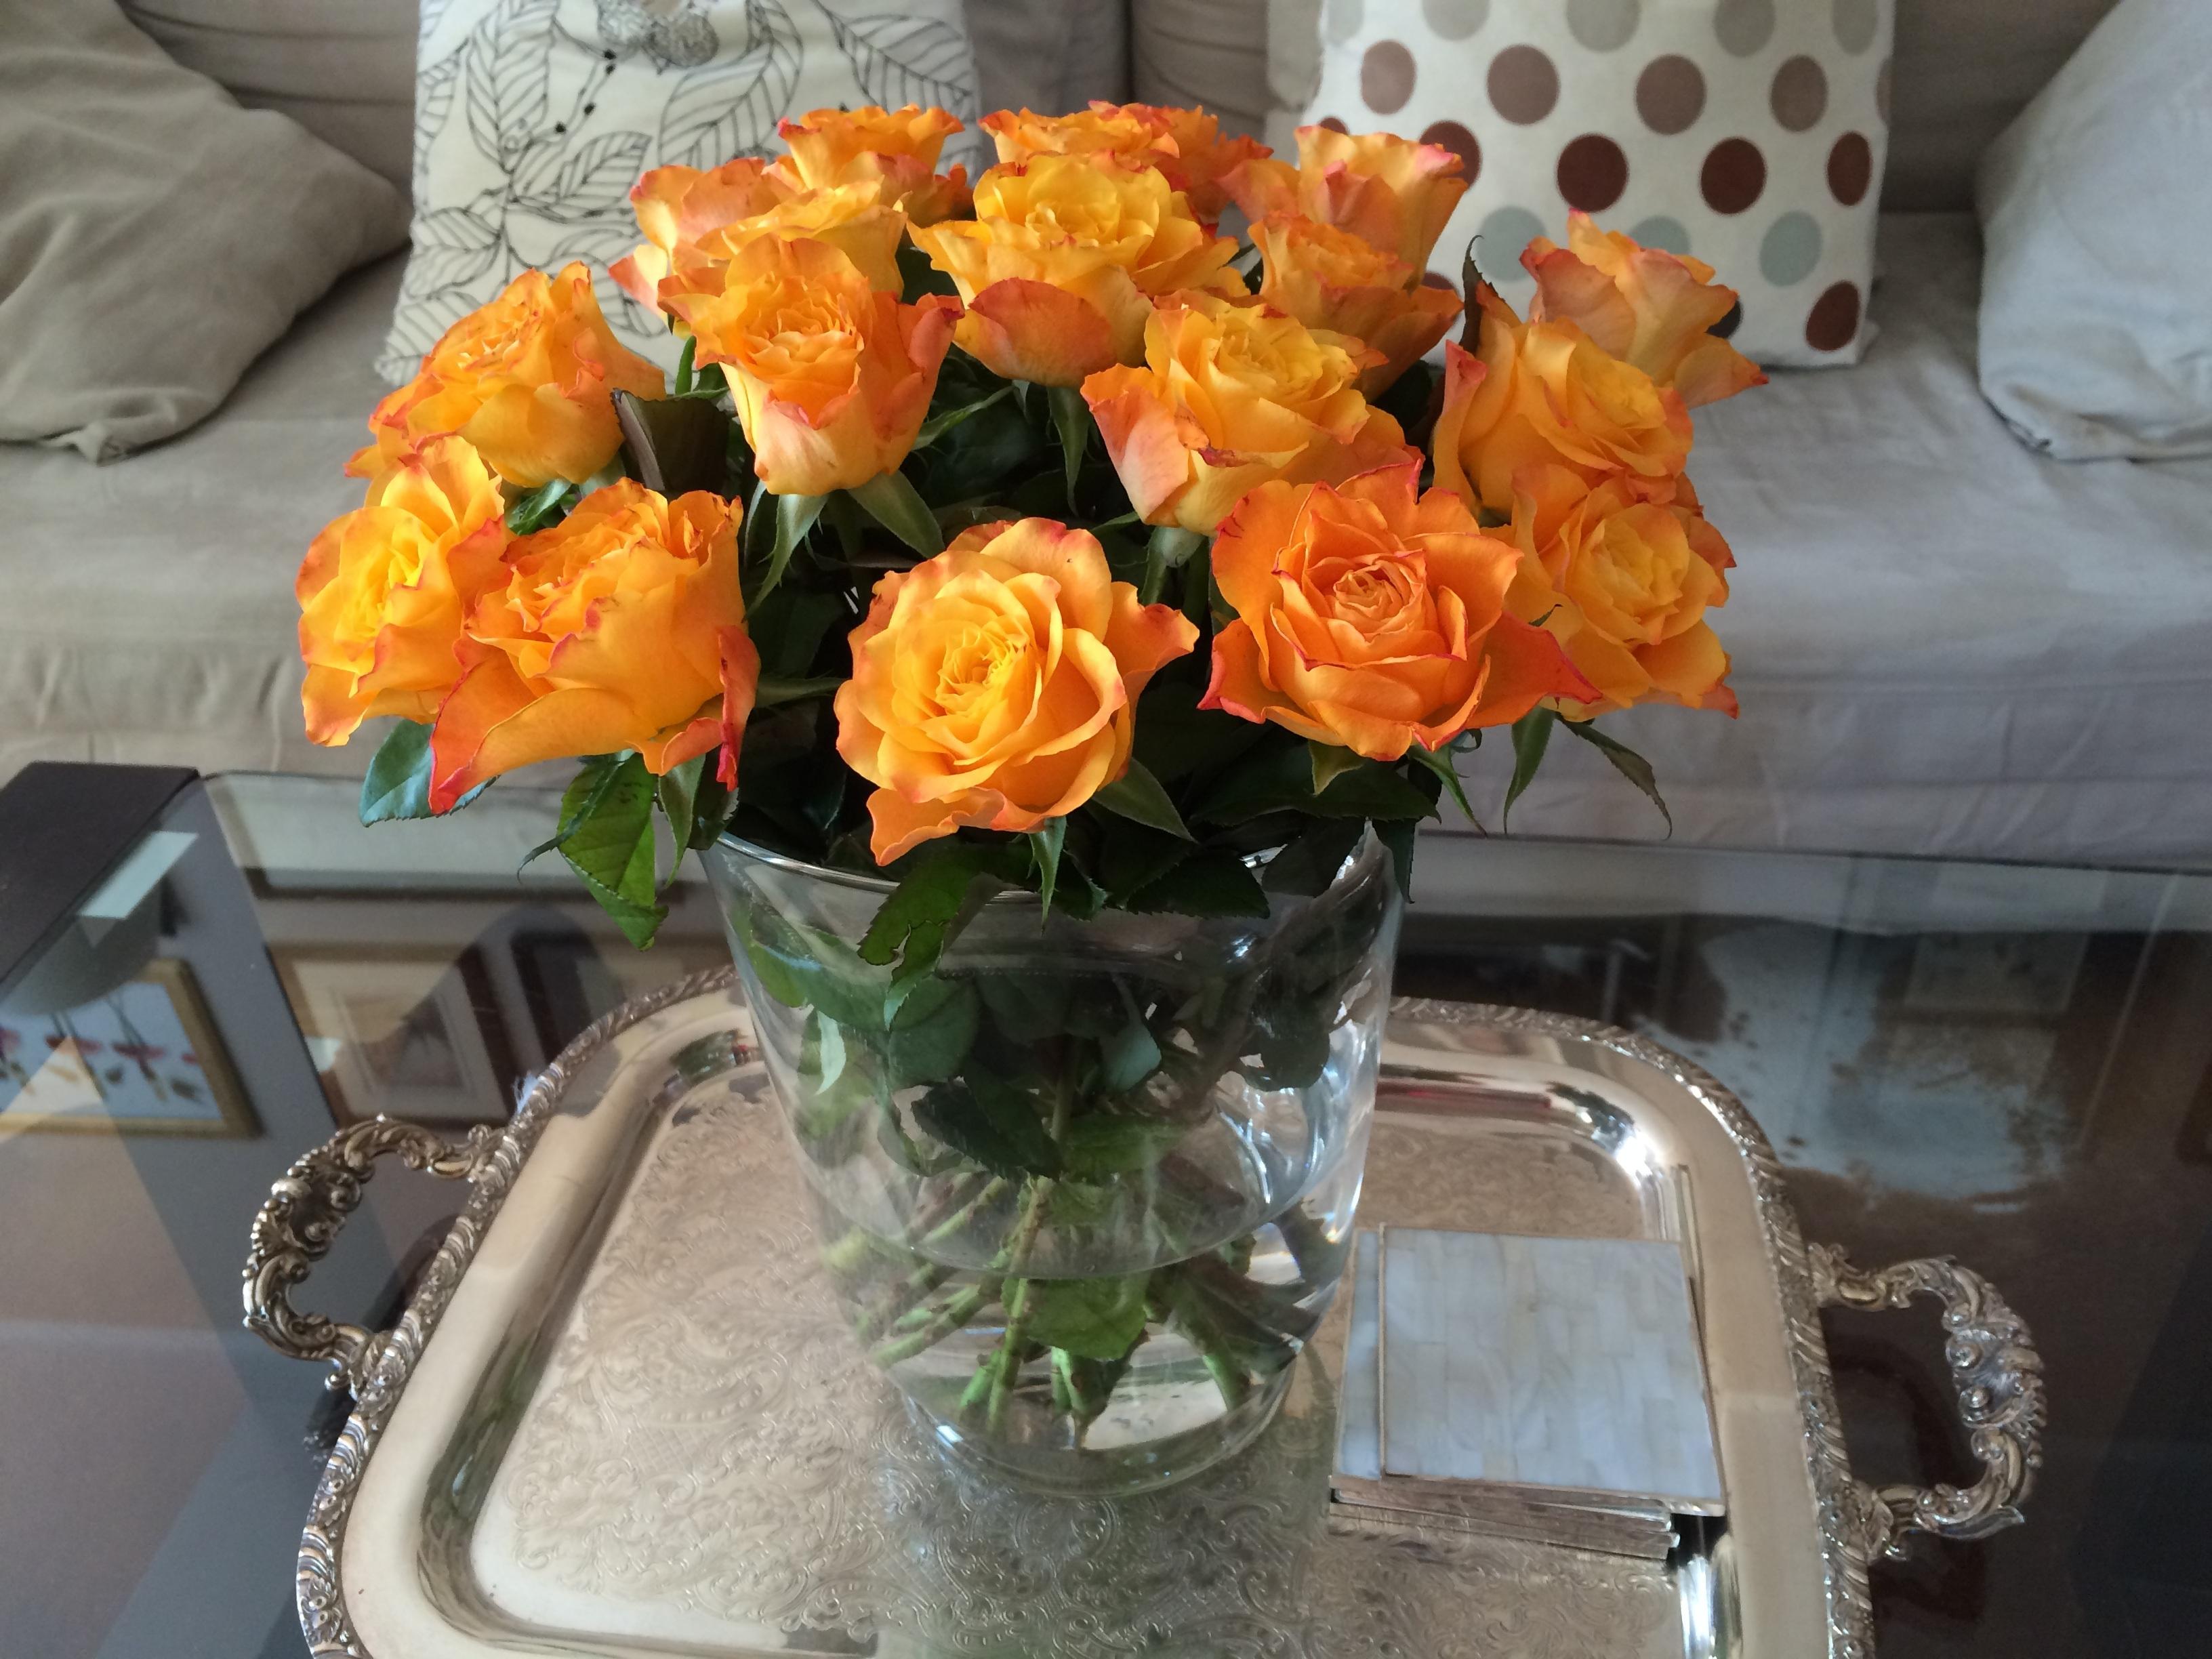 Картинки розы в вазе на столе дома